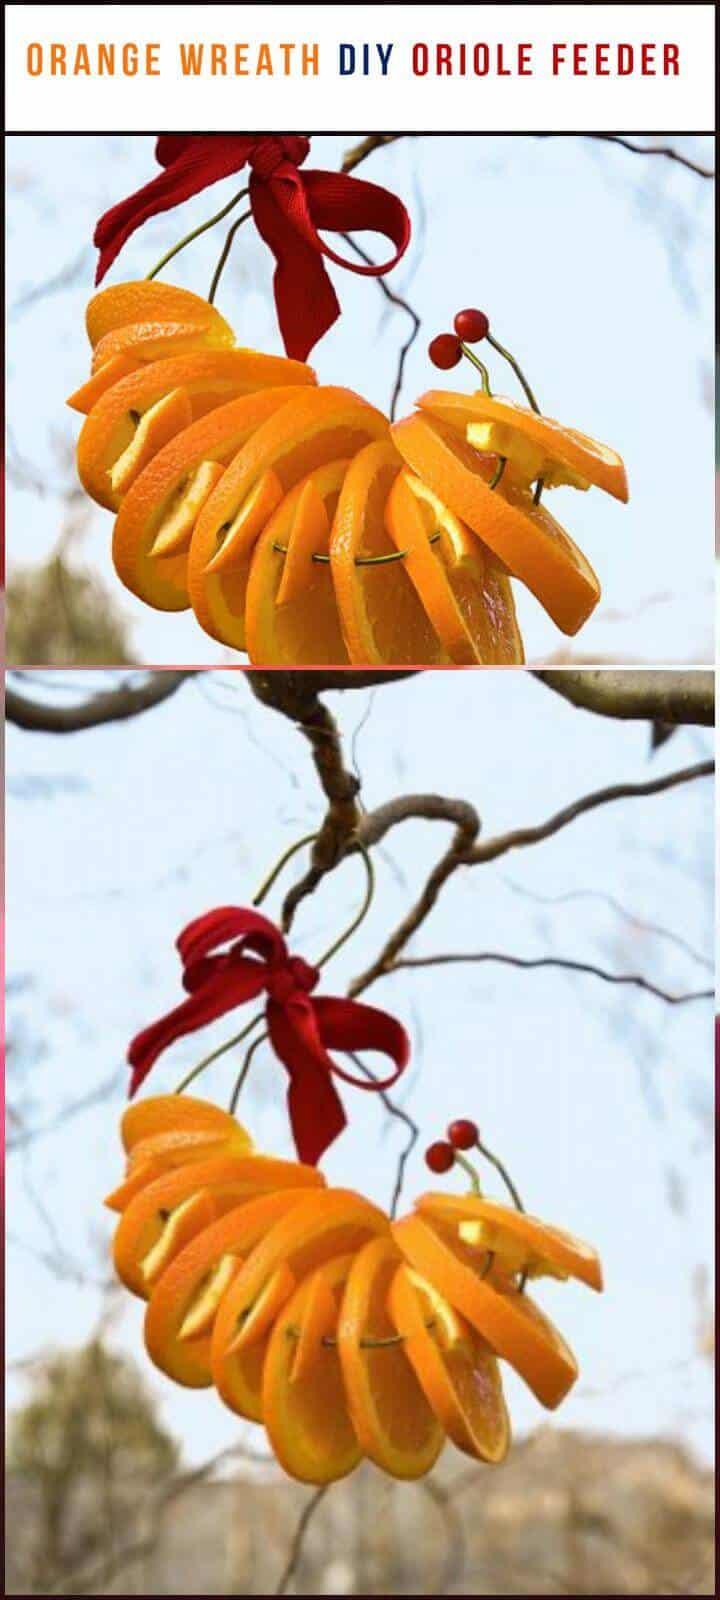 alimentador de oropéndolas corona de rodajas de naranja